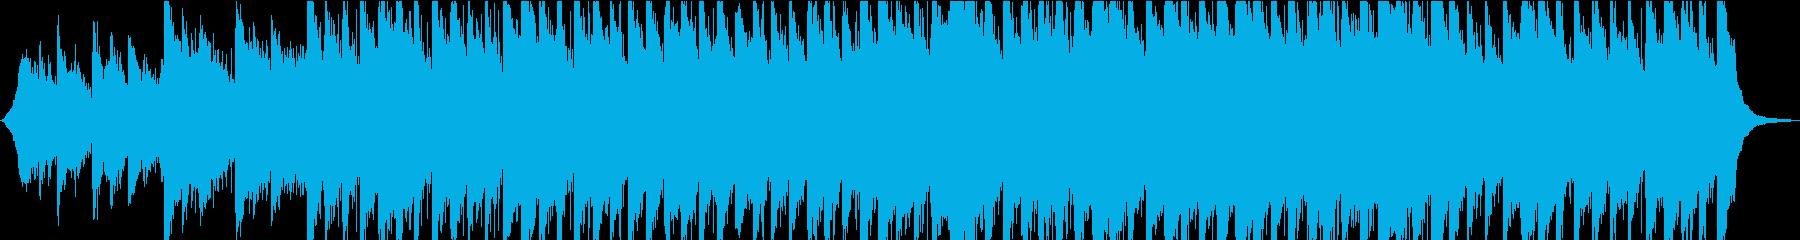 【スライドショーBGM】浮遊感・ピアノ②の再生済みの波形